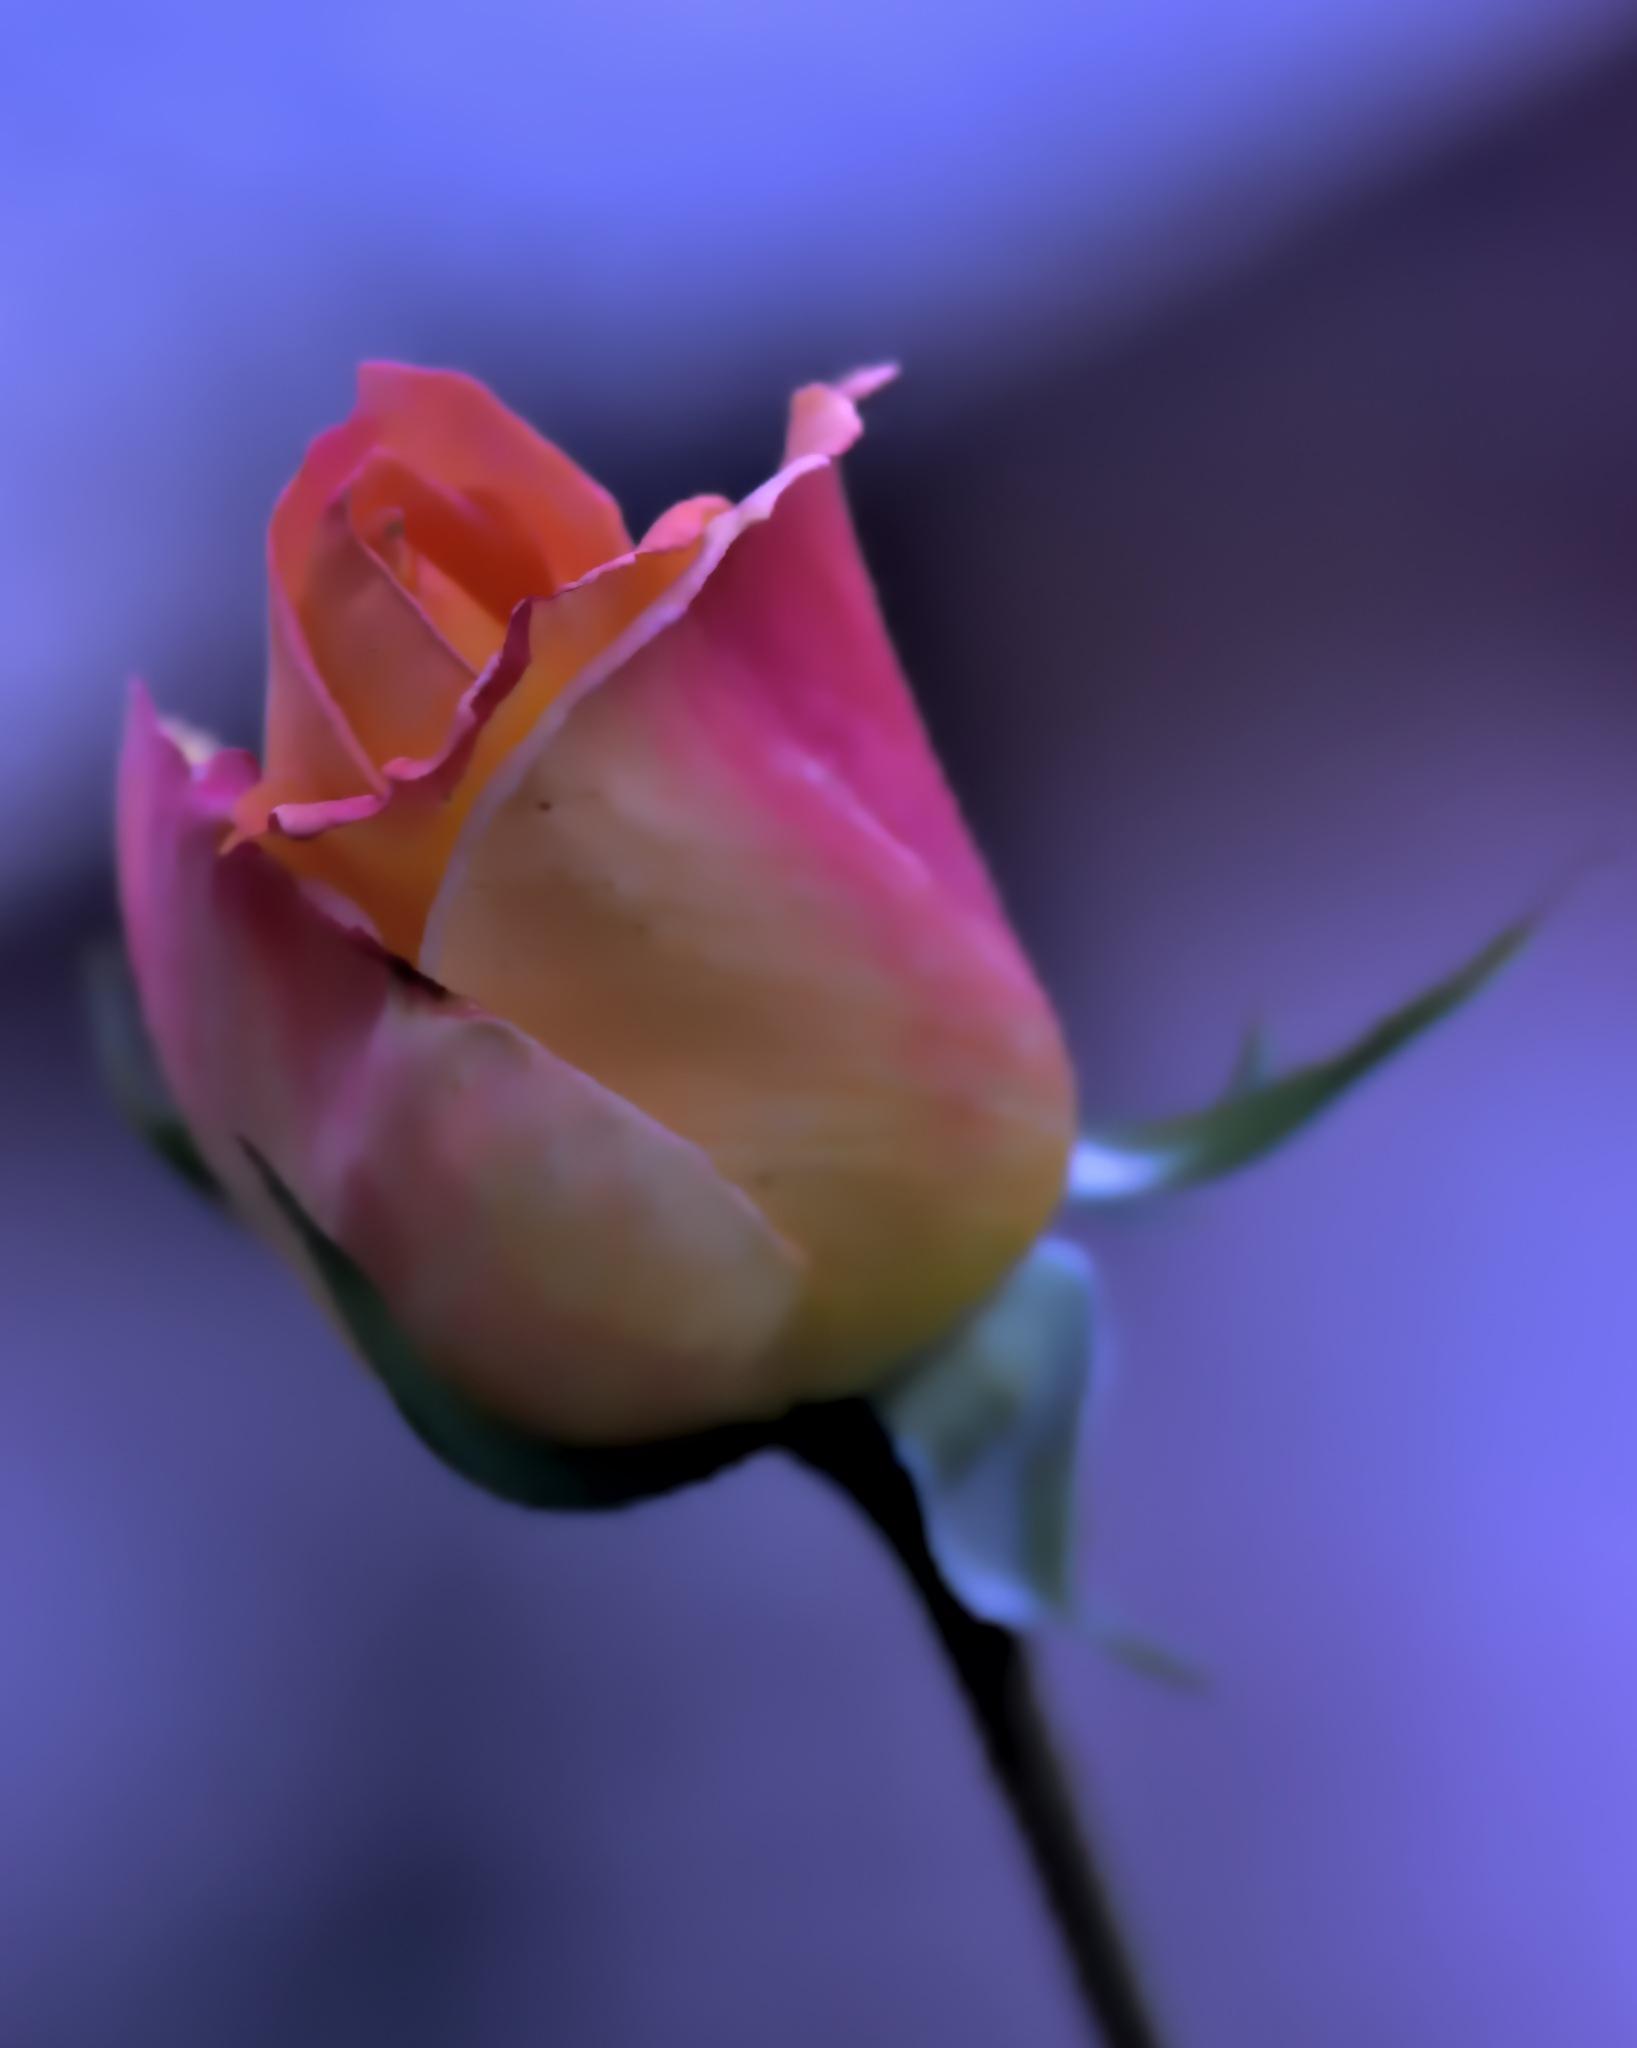 a rose by ioana